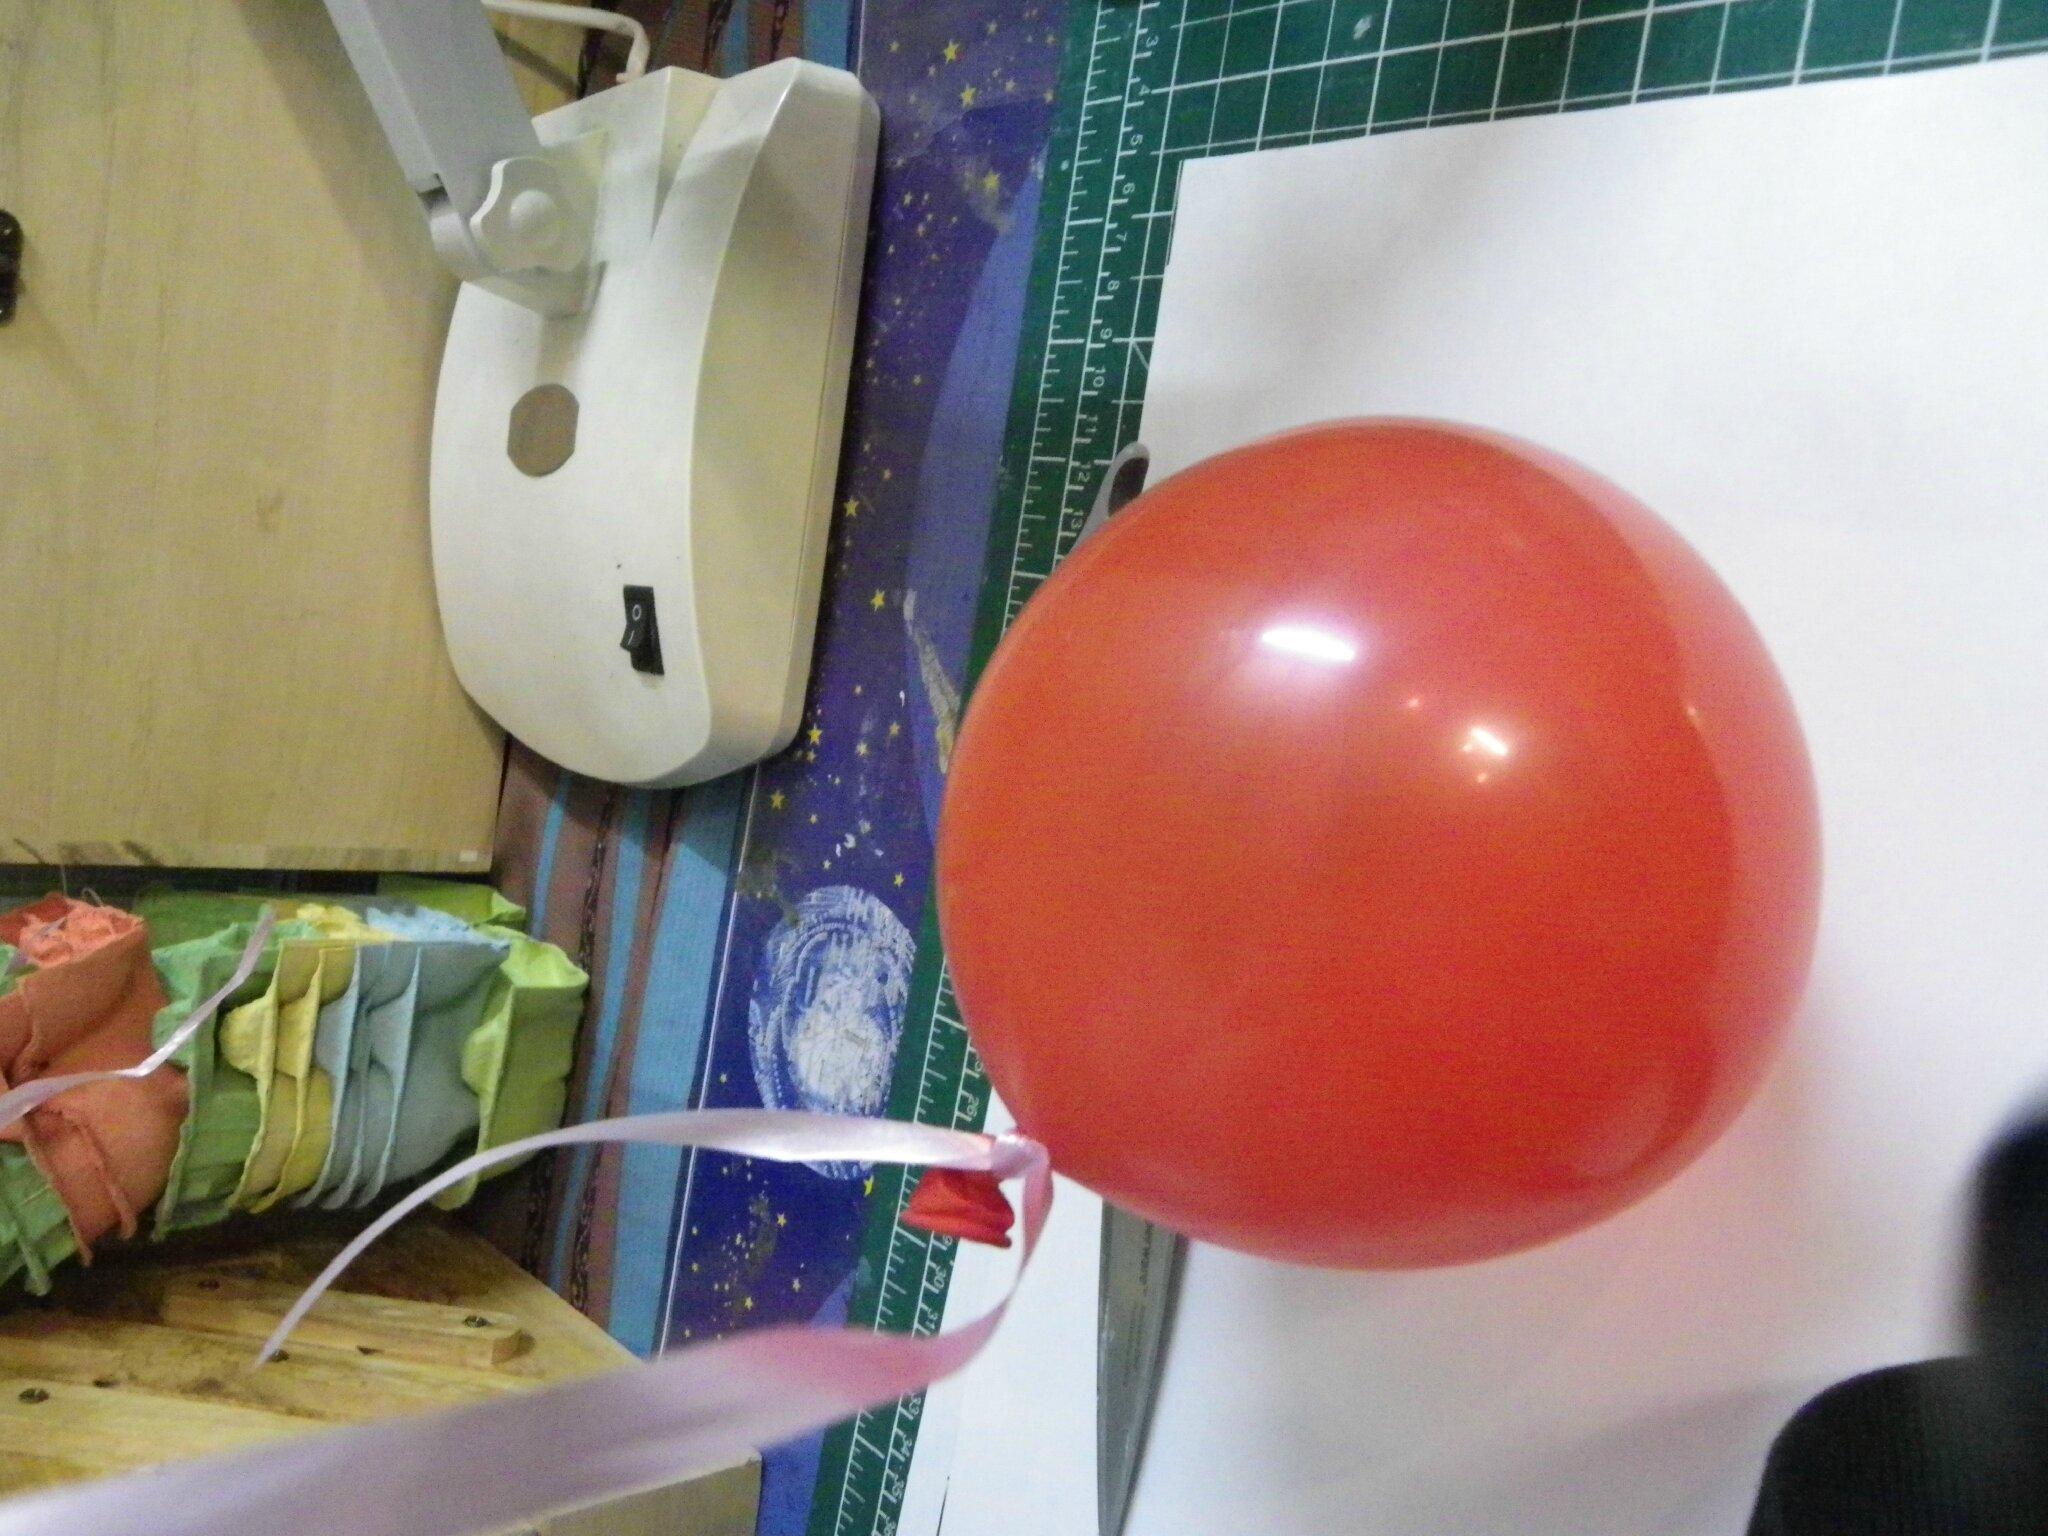 Boule de noel a fabriquer en papier mache - Fabriquer boule de noel en papier ...